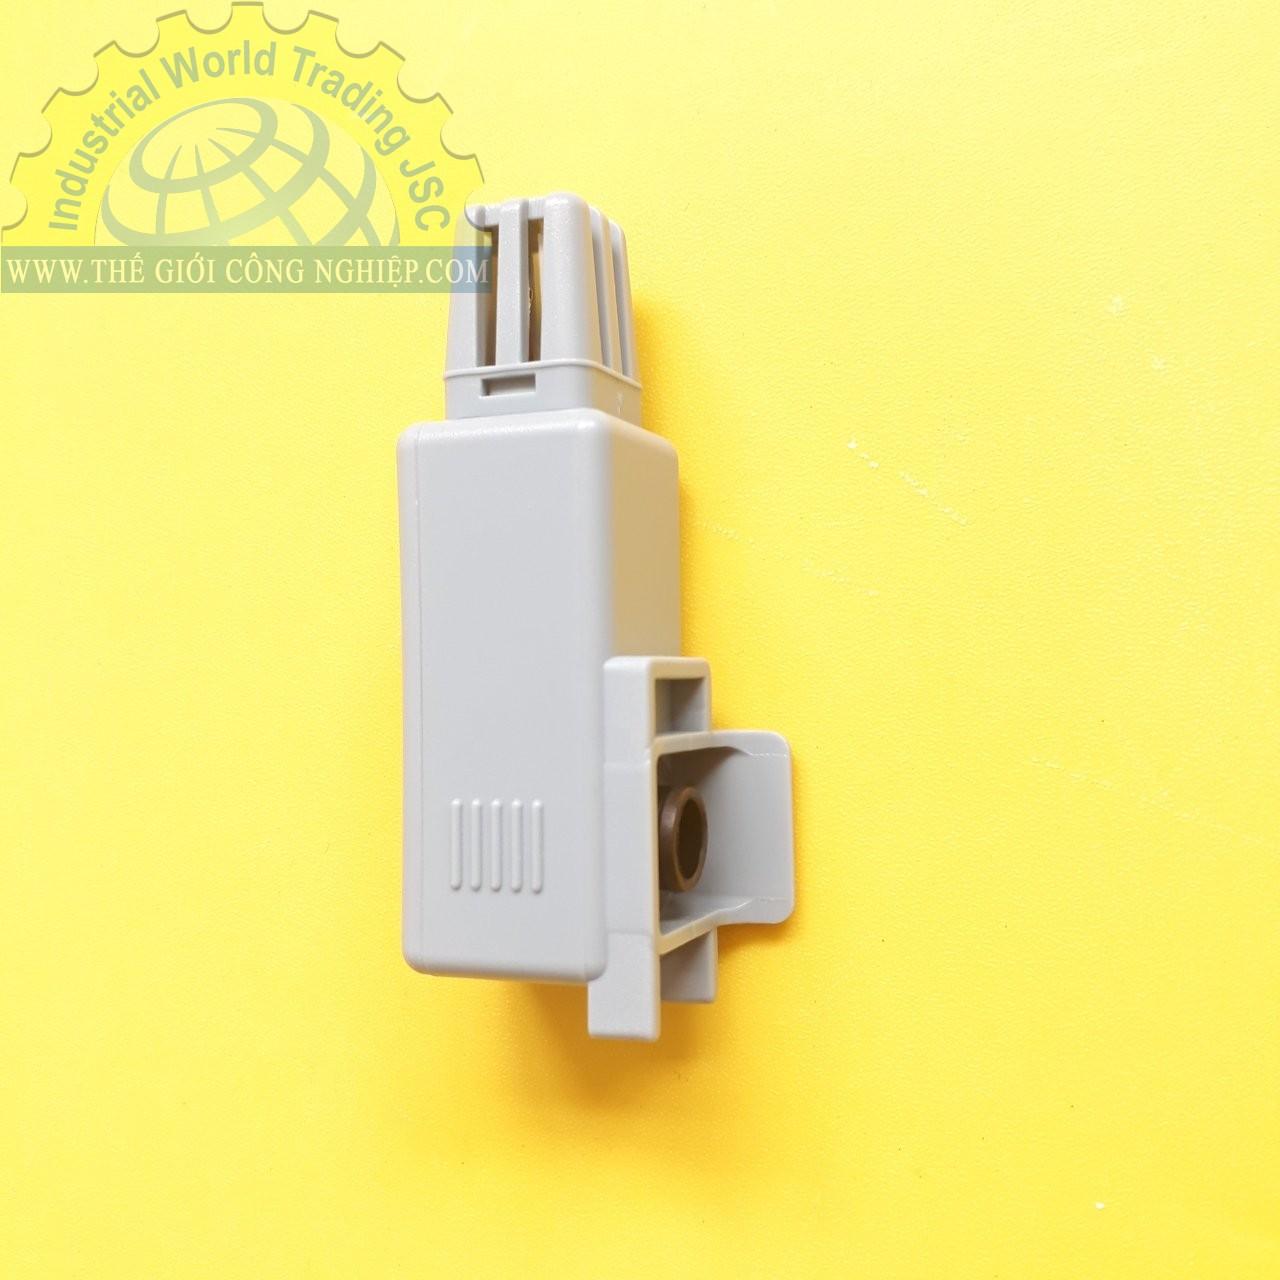 Đầu dò cho nhiệt ẩm kế tự ghi -10 đến 60°C spare Proble Model SK-LTHII-1 Alpha (Sensor) -10 to 60.0°C SK-LTHIIα-1 SATO